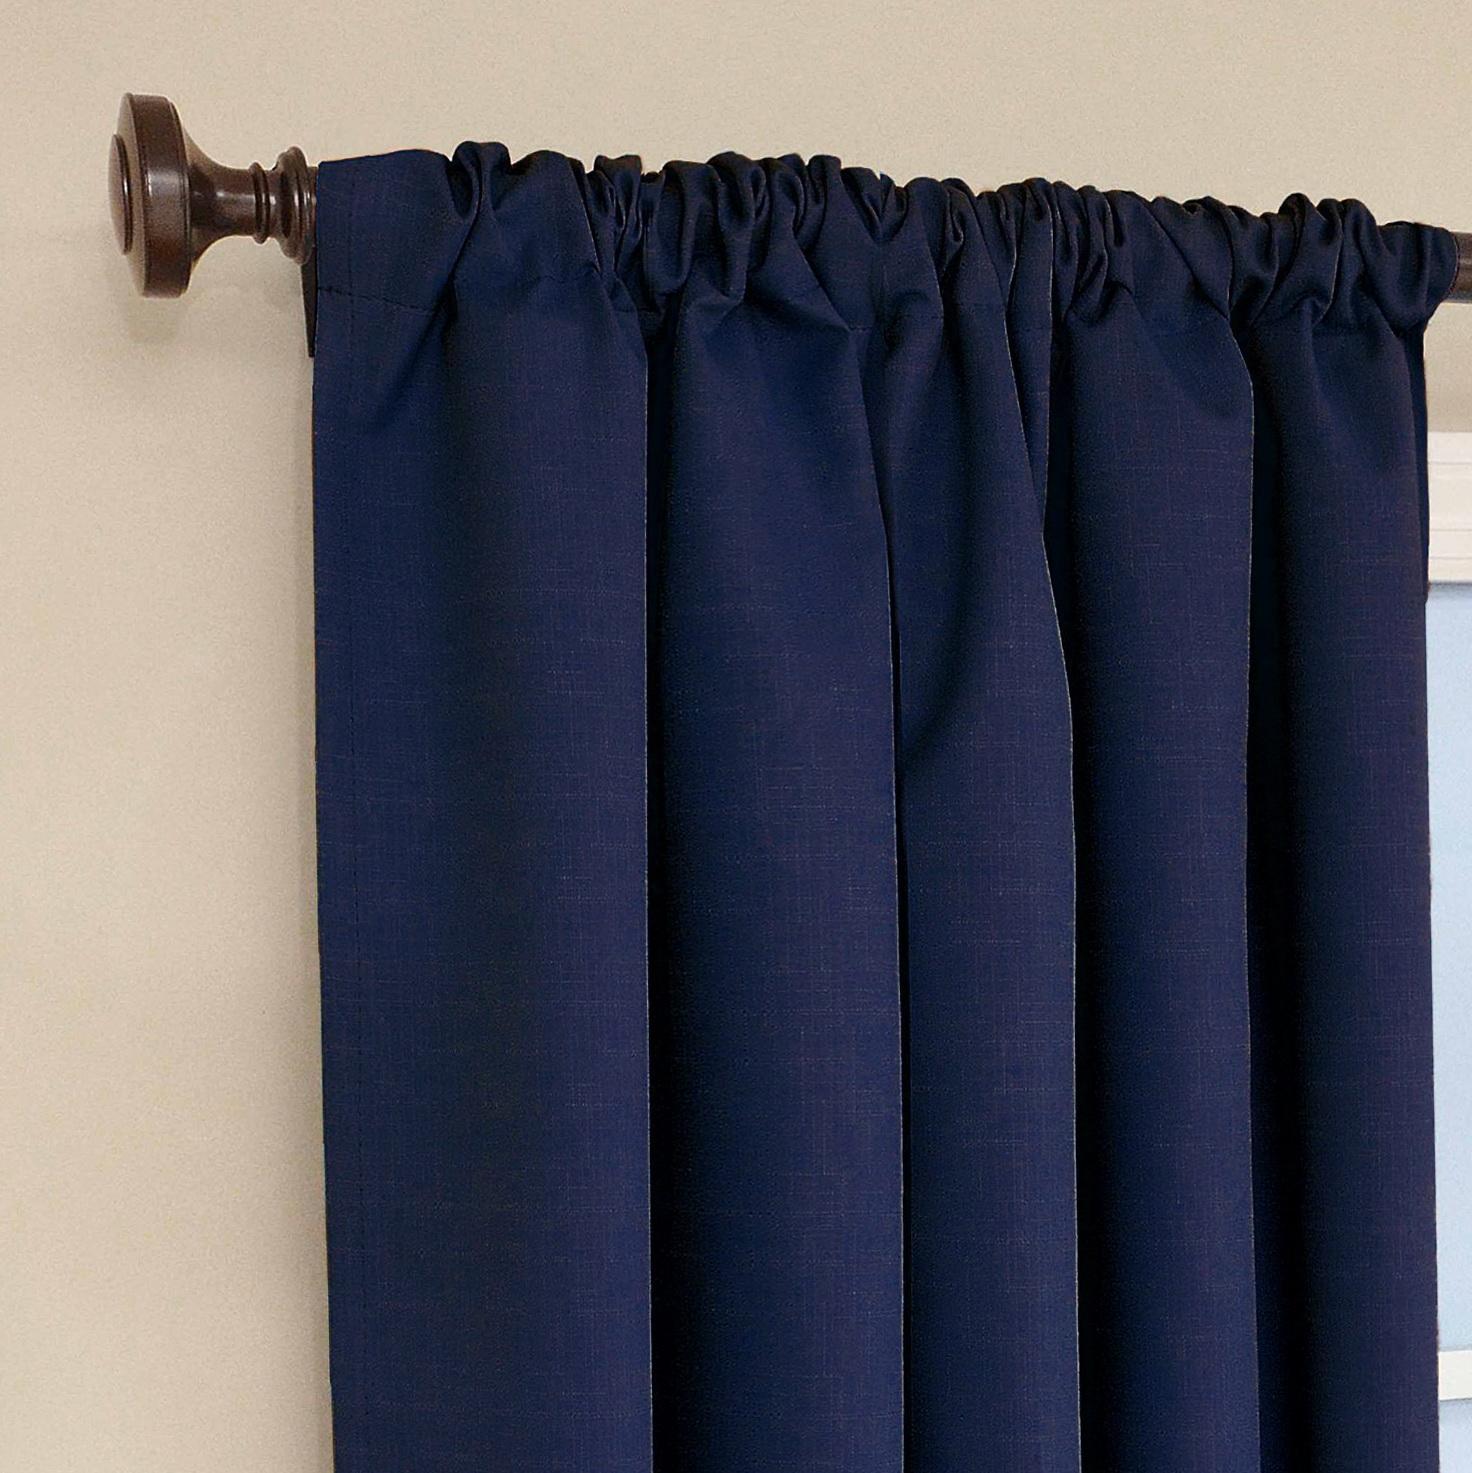 Kids Blackout Curtains Blue